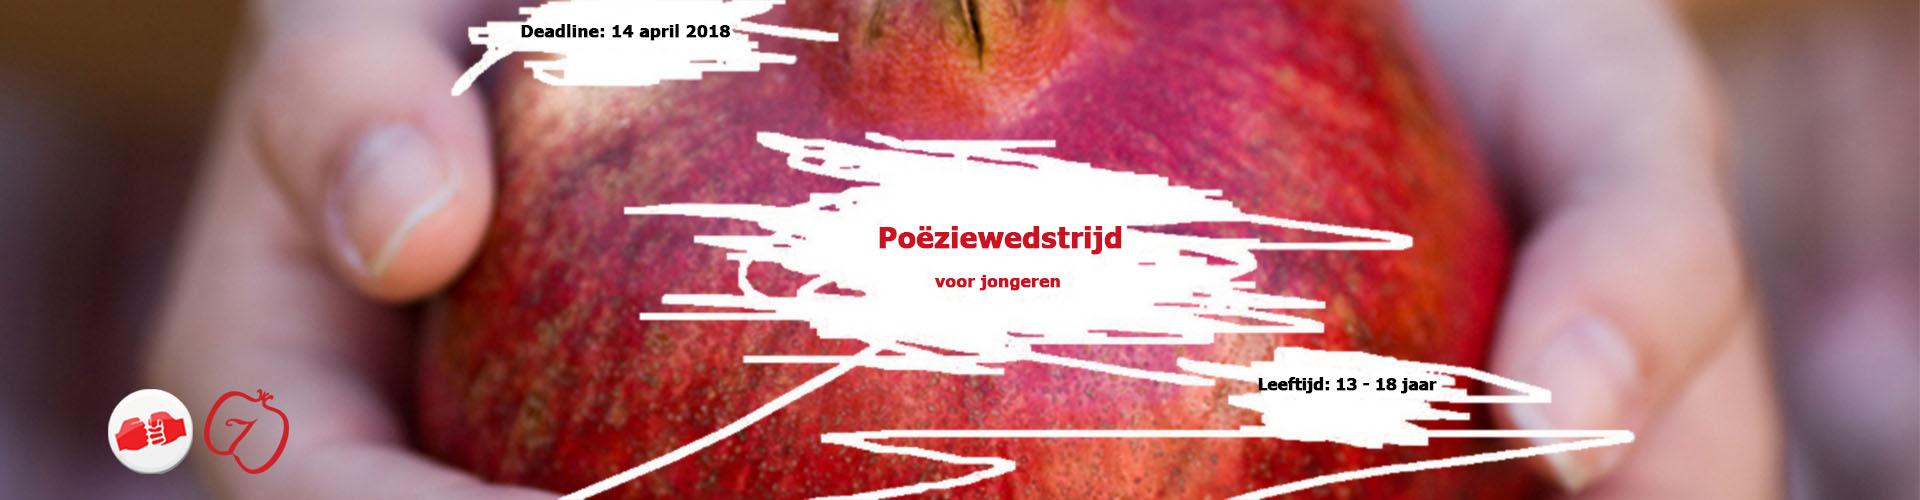 banner-poziewedstrijd